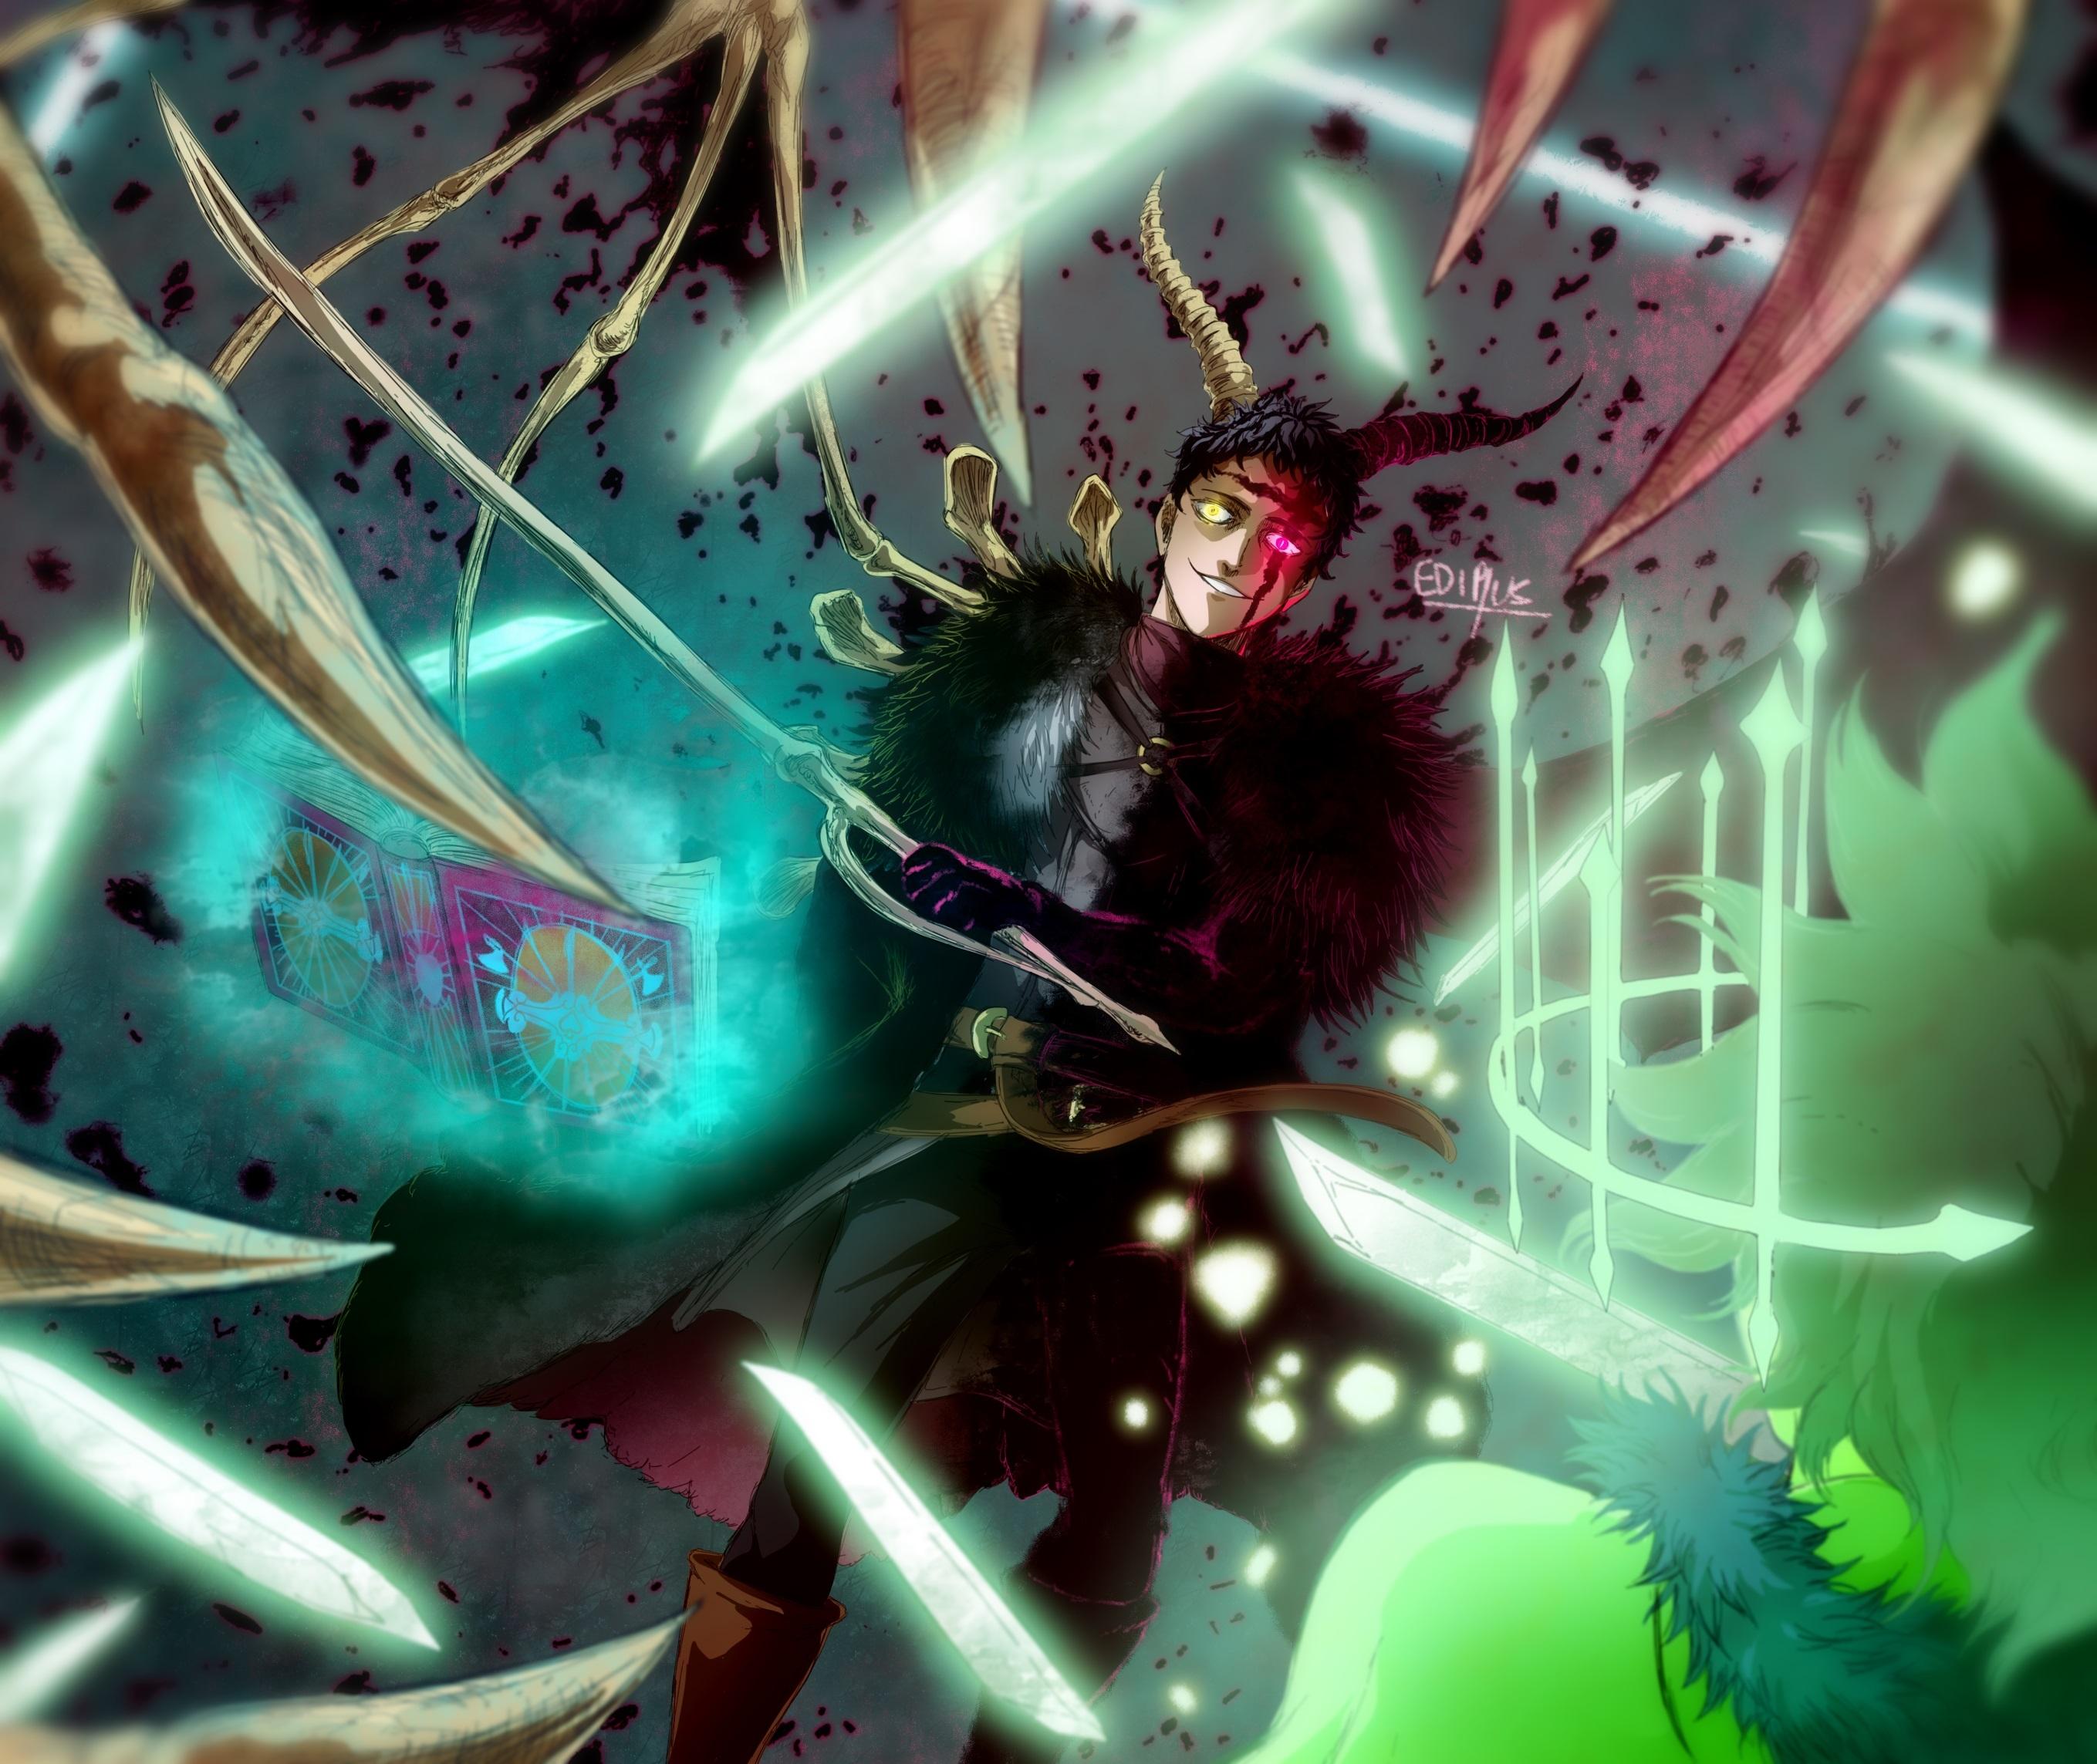 Zenon from Black Clover Wallpaper, HD Anime 4K Wallpapers ...